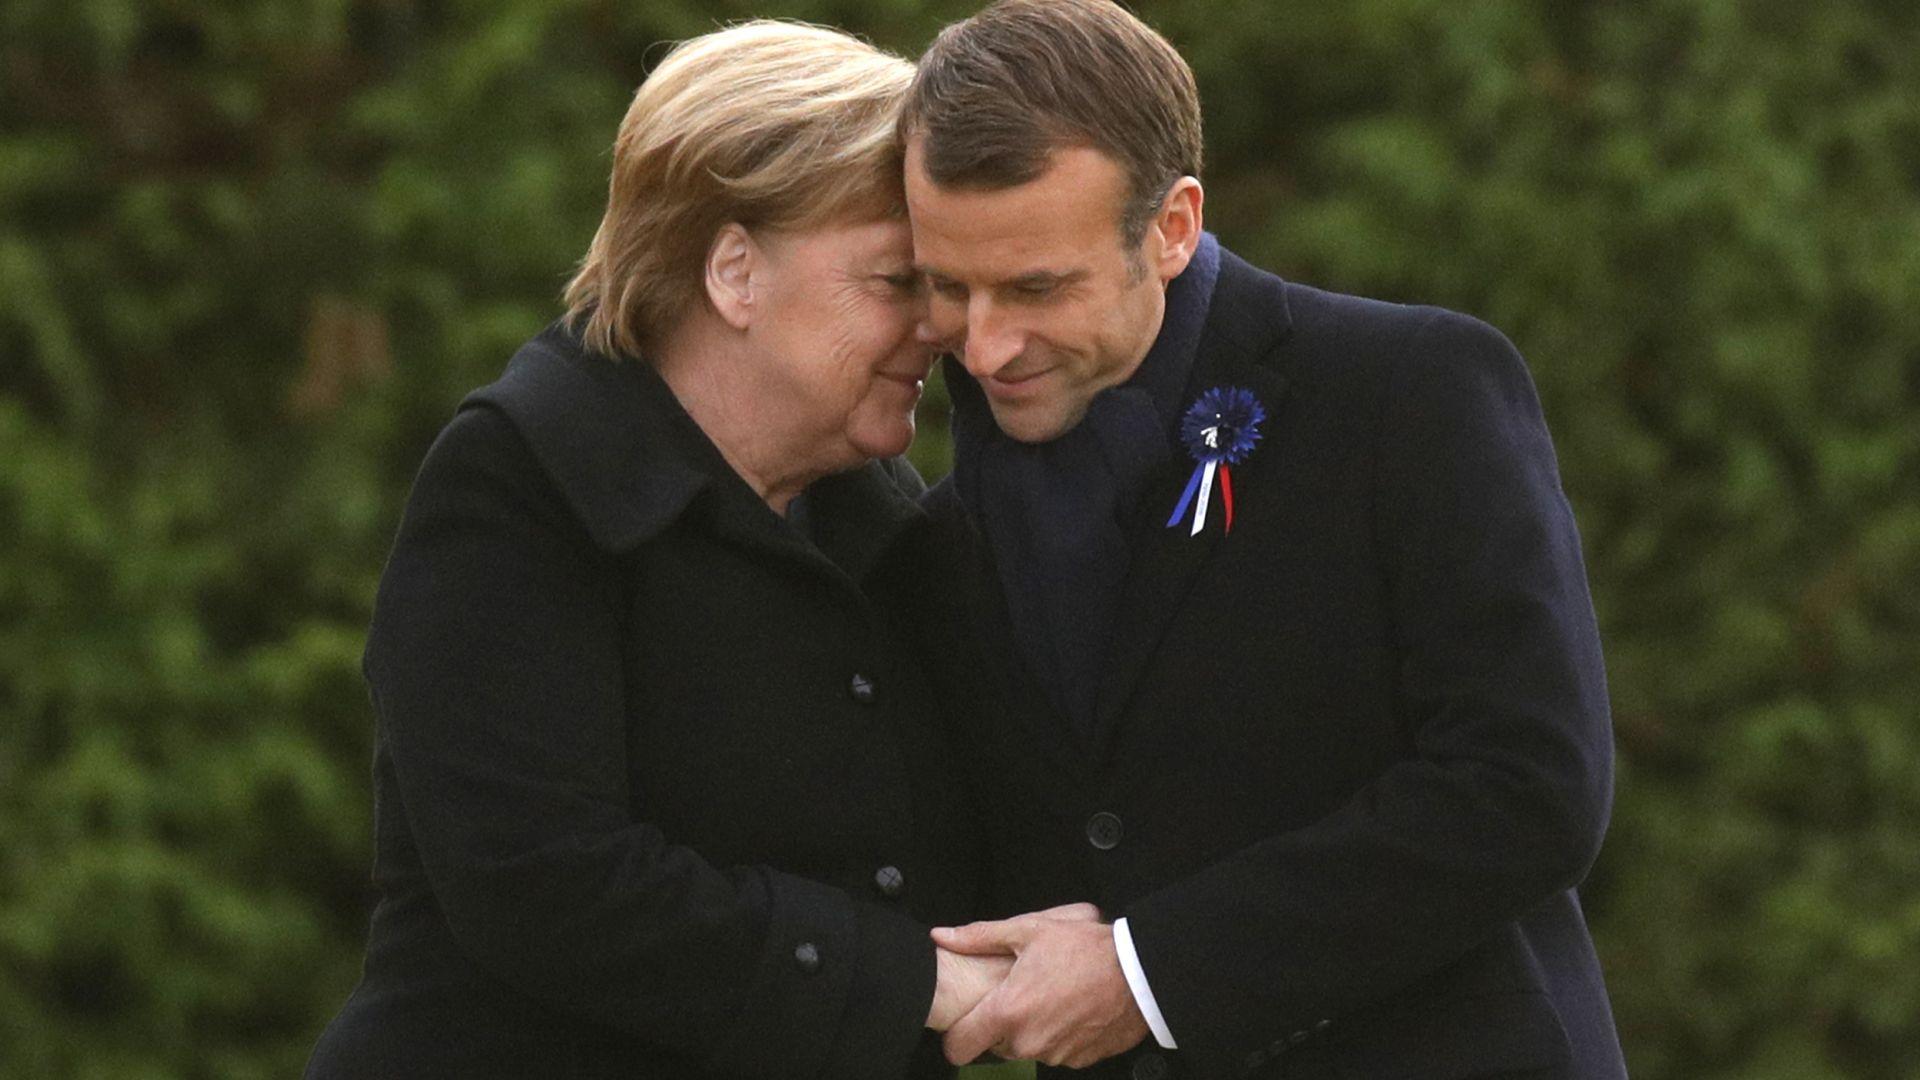 Столетничка към Меркел: Вие ли сте съпругата на Макрон? (видео)